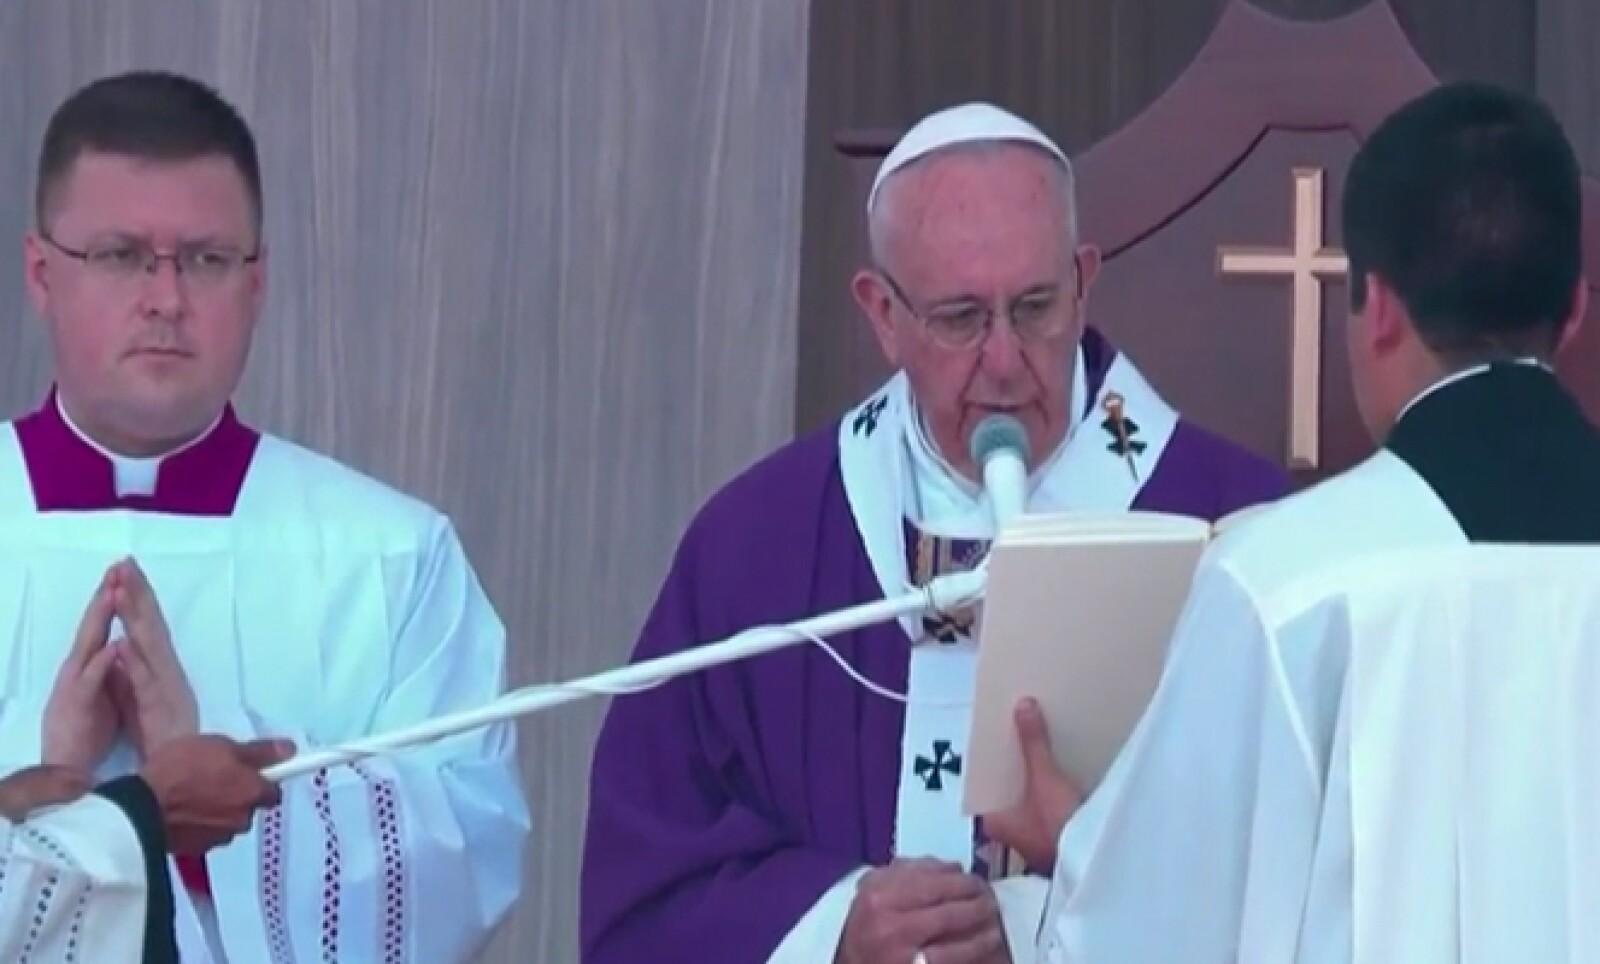 El pontífice estuvo rodeado de obispos y cientos de fieles.